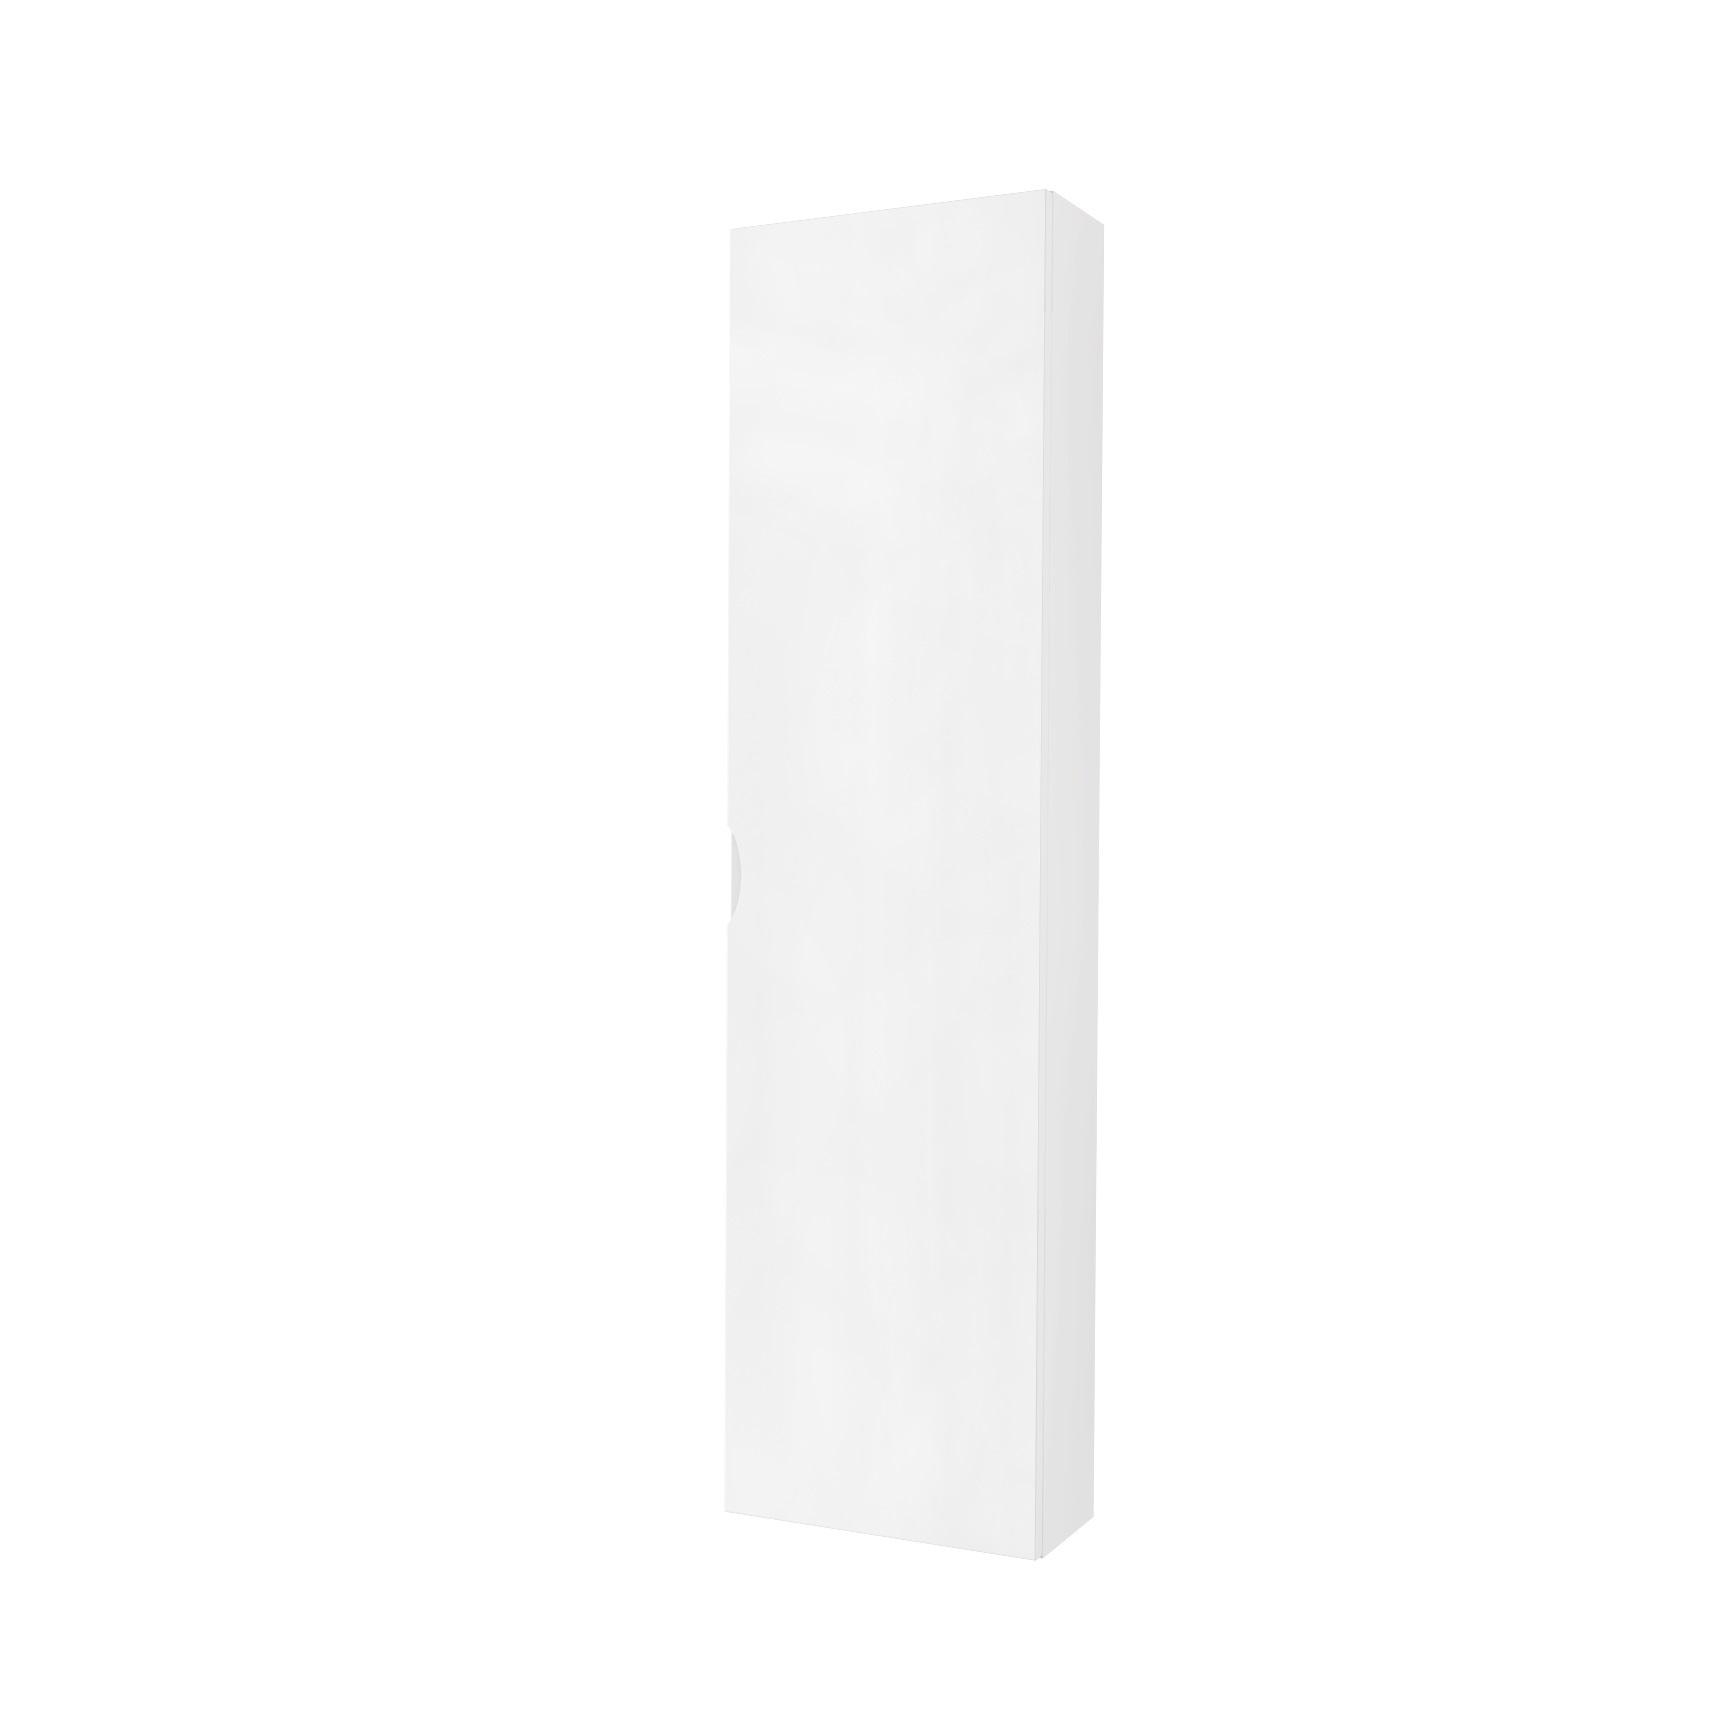 44675 bianco lucido badenhaus colonna